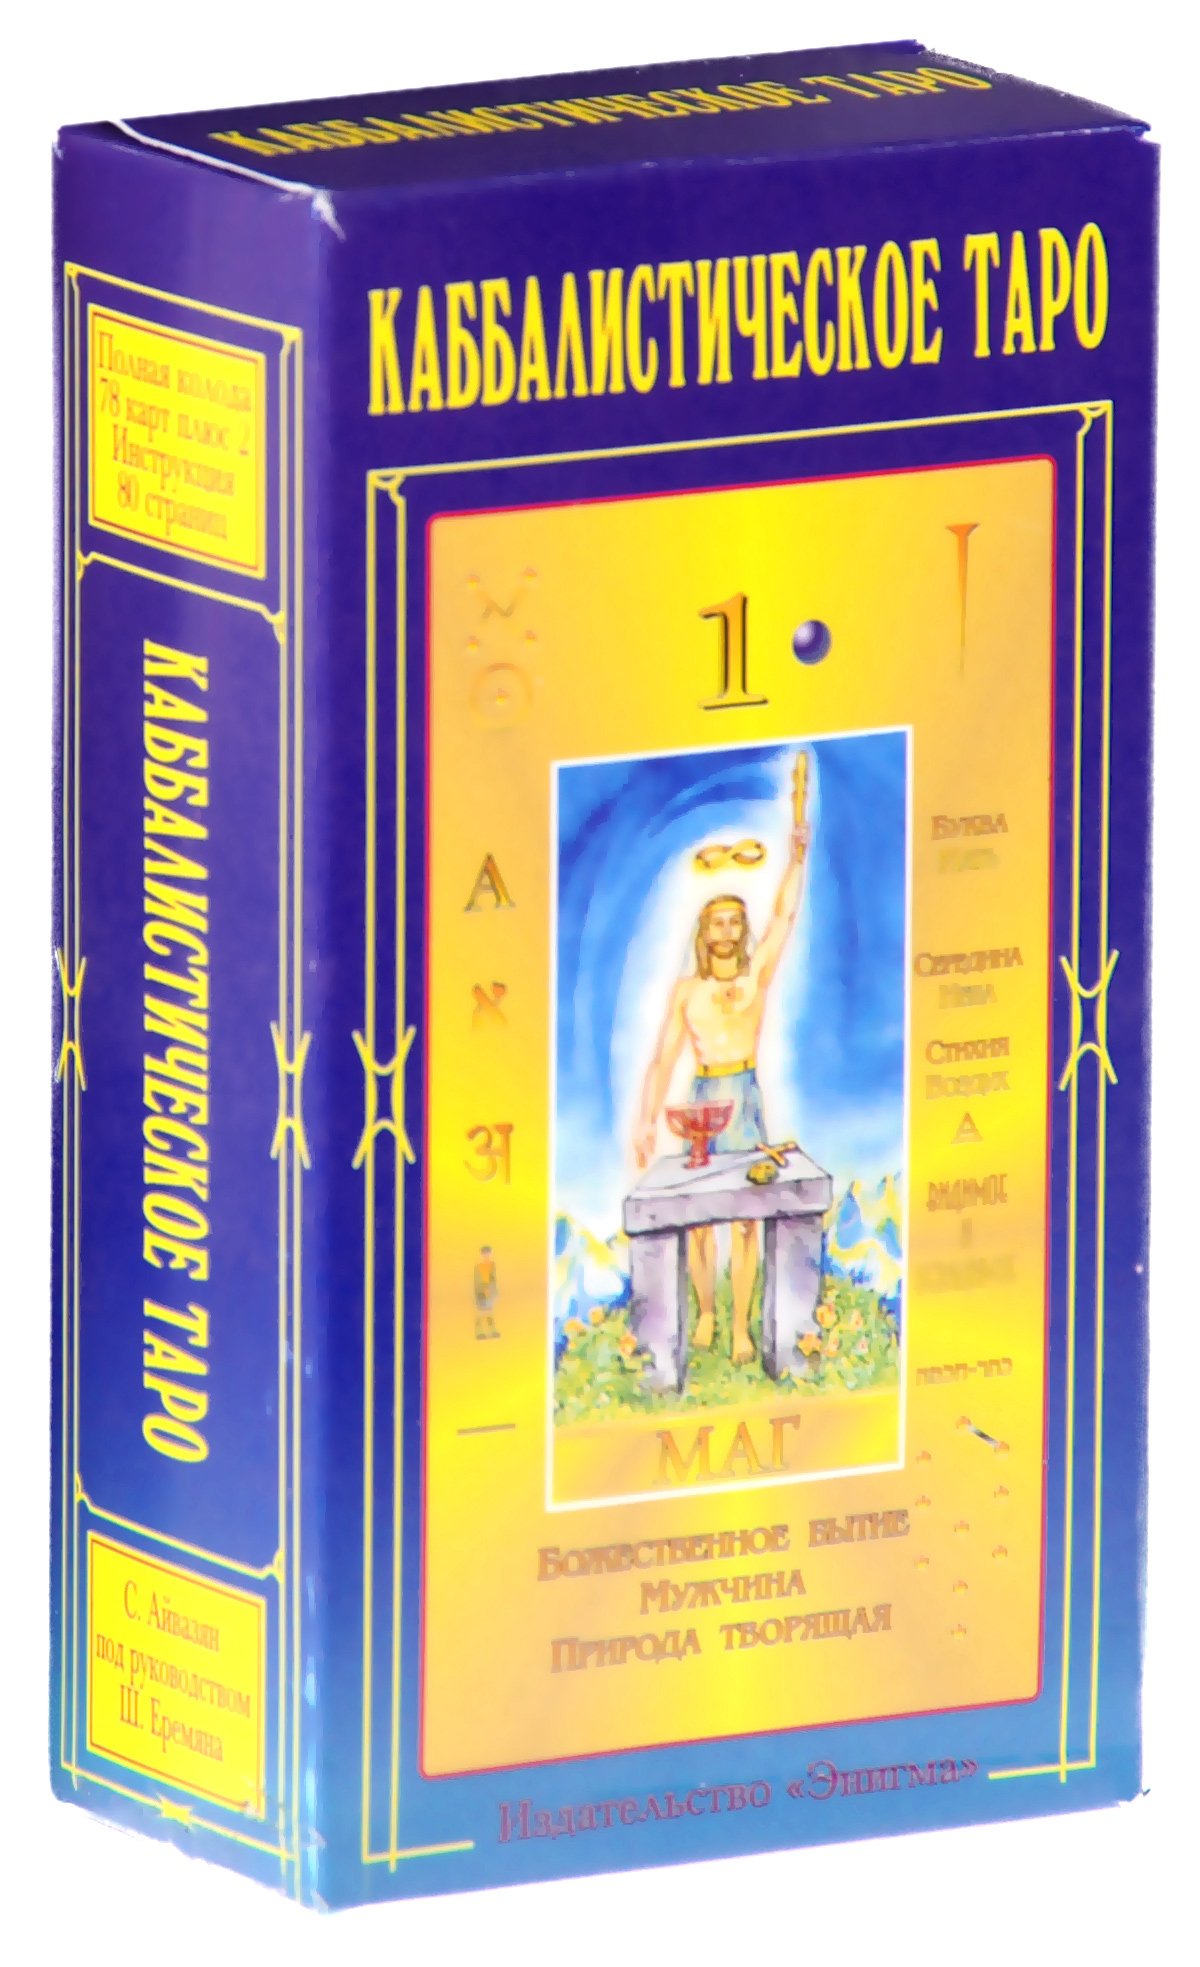 С. Айвазян, Ш. Еремян Каббалистическое таро Г. О. М. 80 карт (+ инструкция) г о мебес медитации на арканы таро дополнения к энциклопедии оккультизма лекции 1921 года